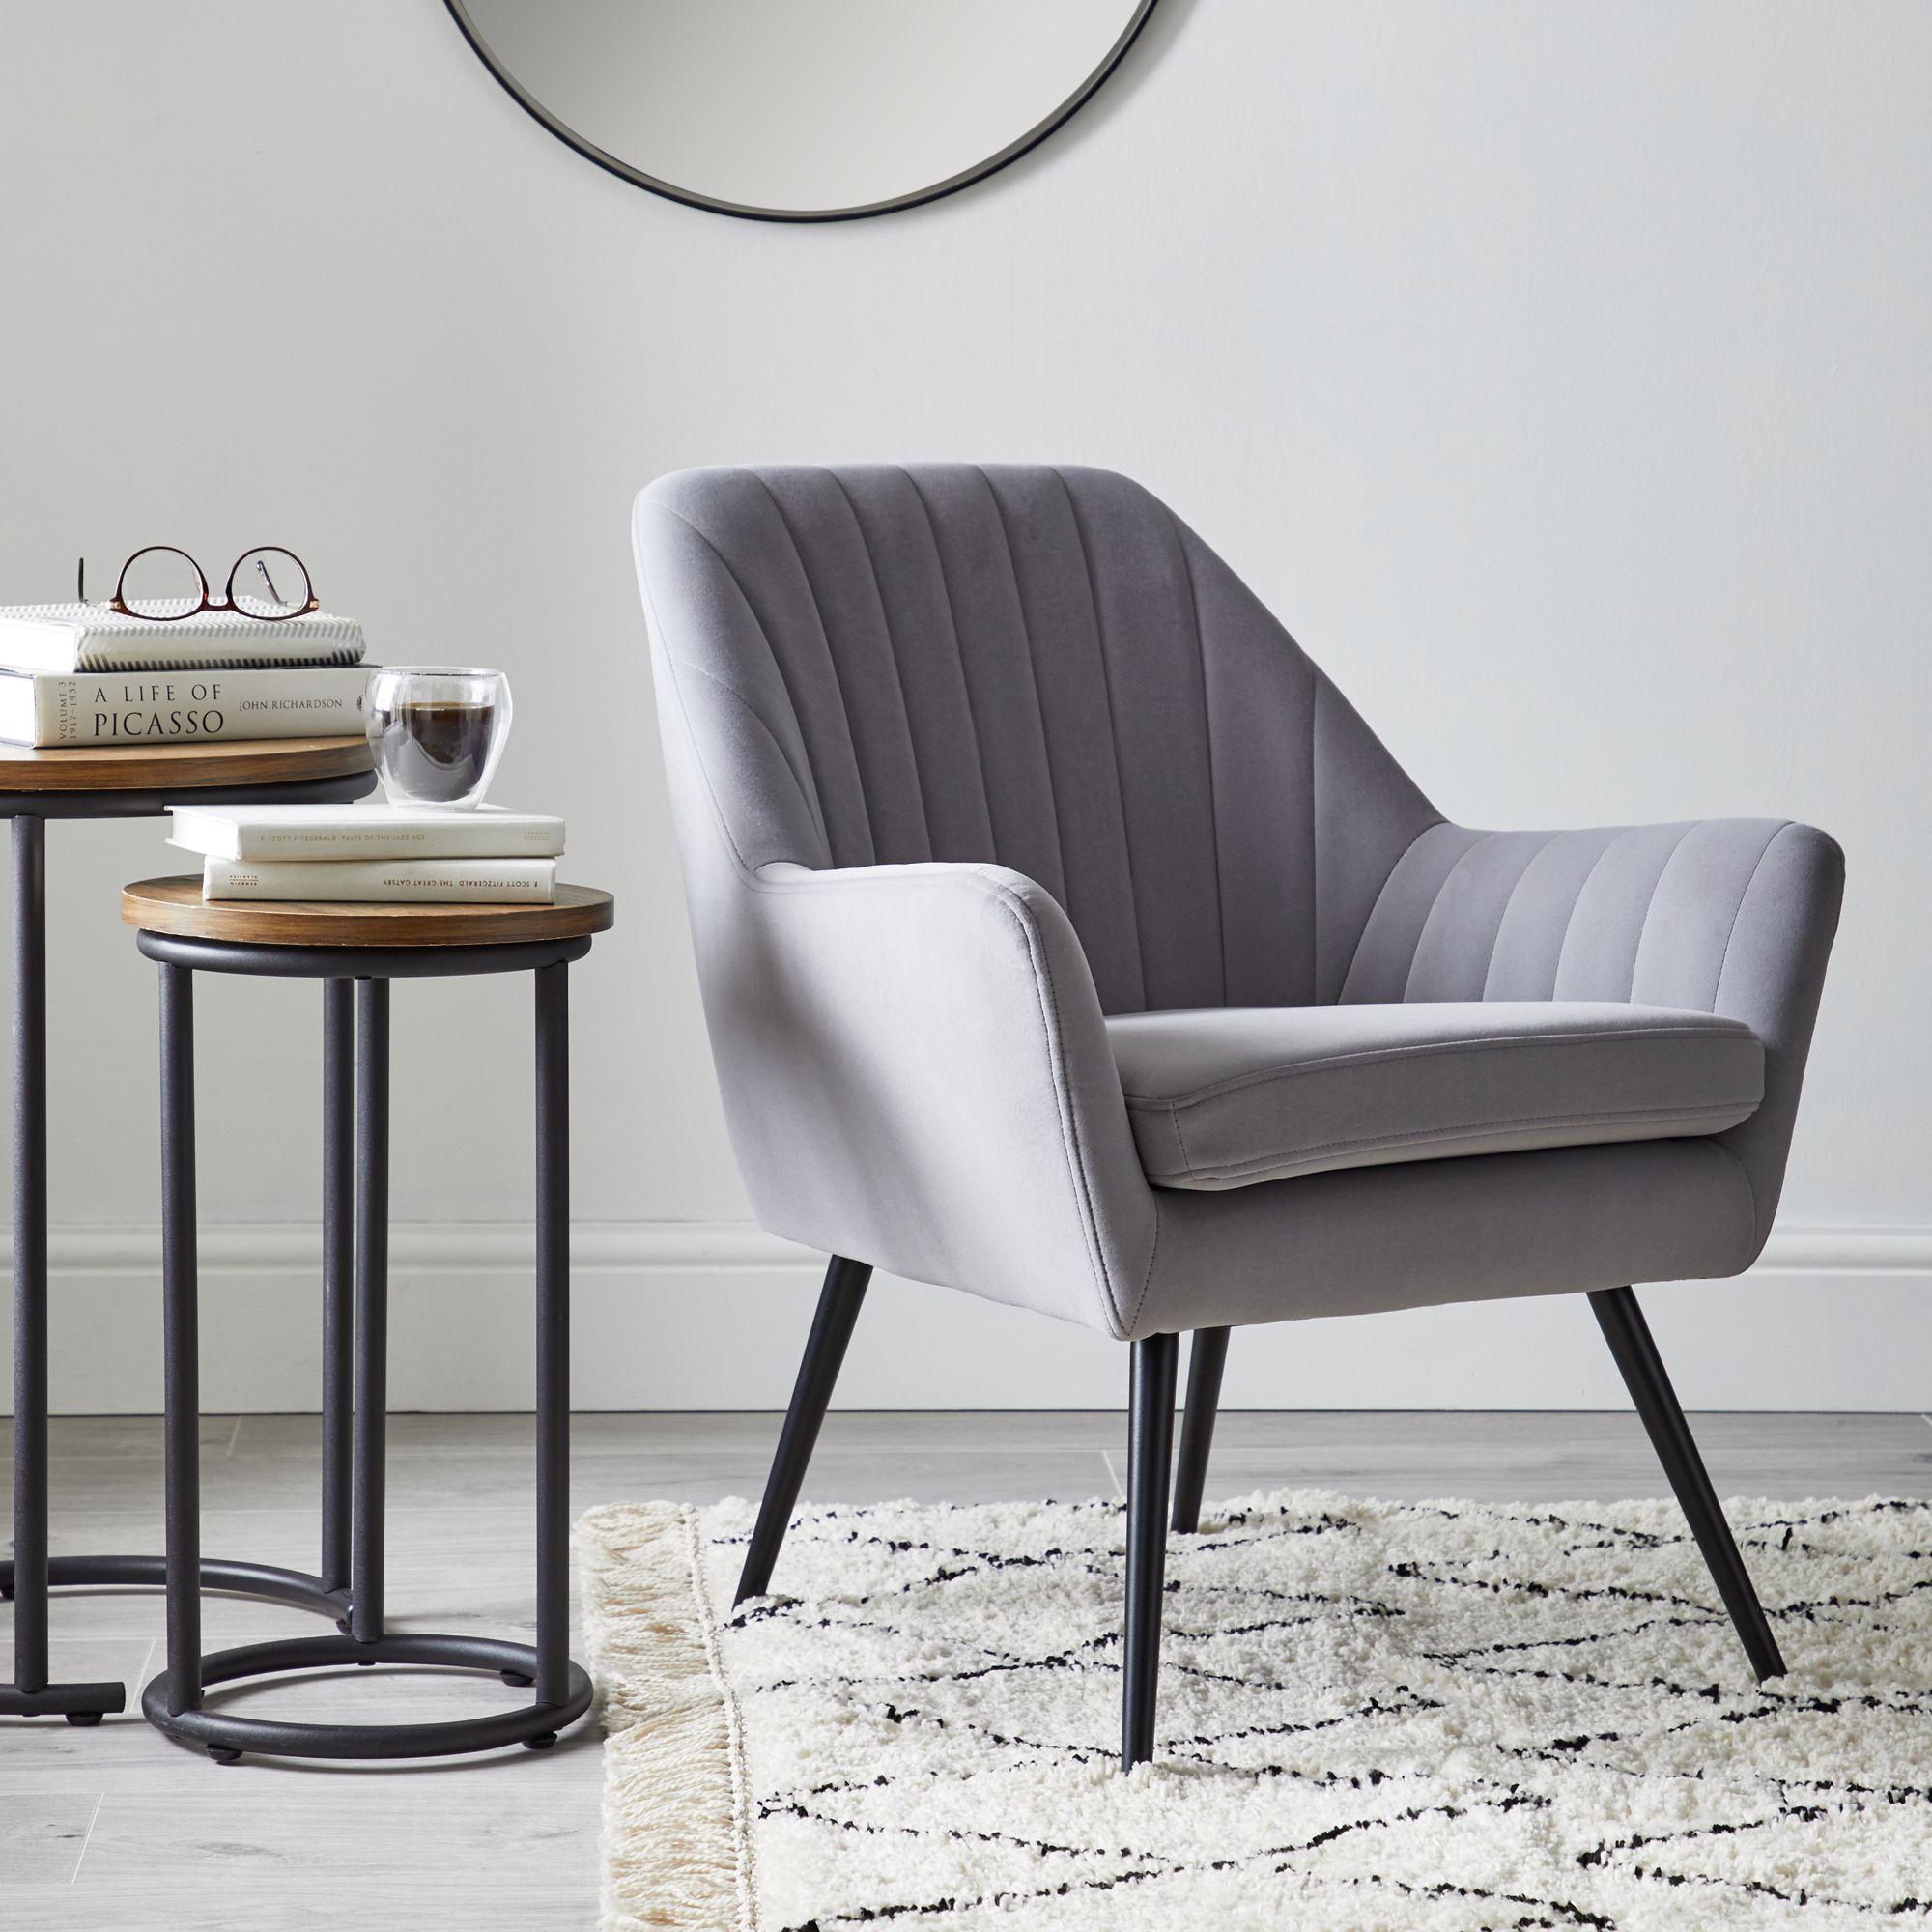 Chair, Velvet Furniture, Seating